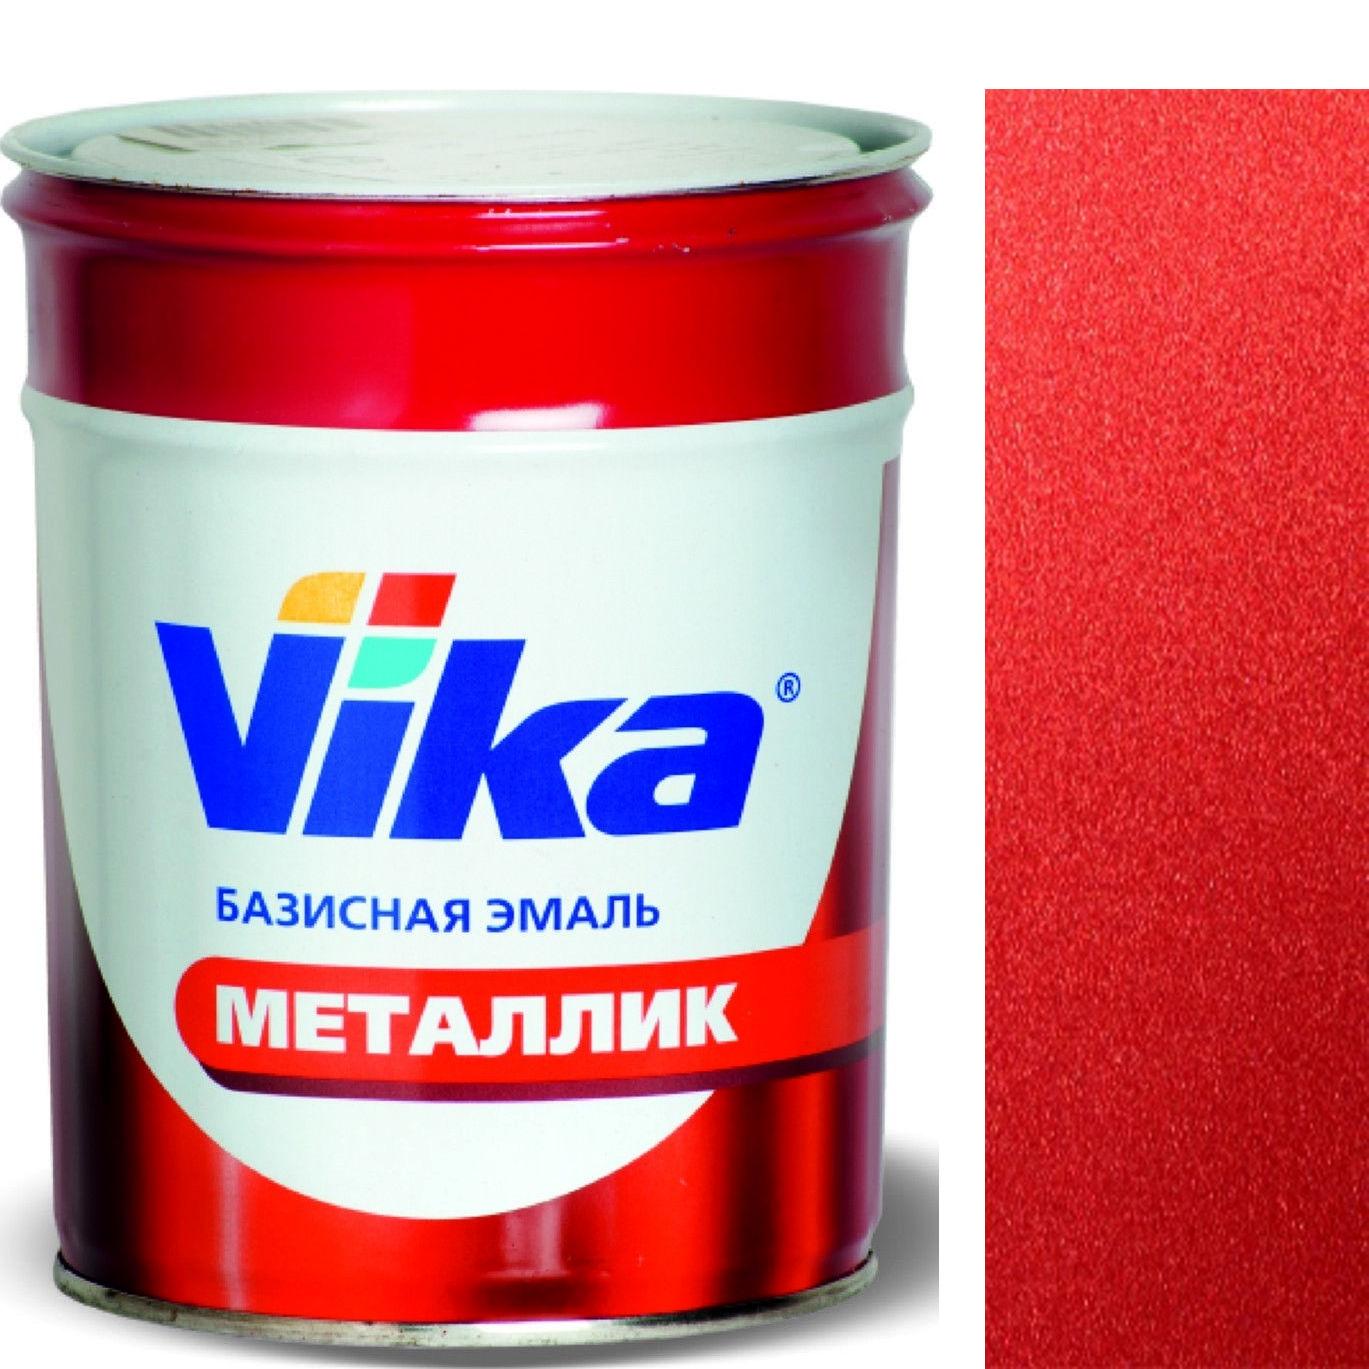 """Фото 3 - Автоэмаль """"Металлик"""" 104 Калина, профессиональная базовая, - 0,9 кг."""